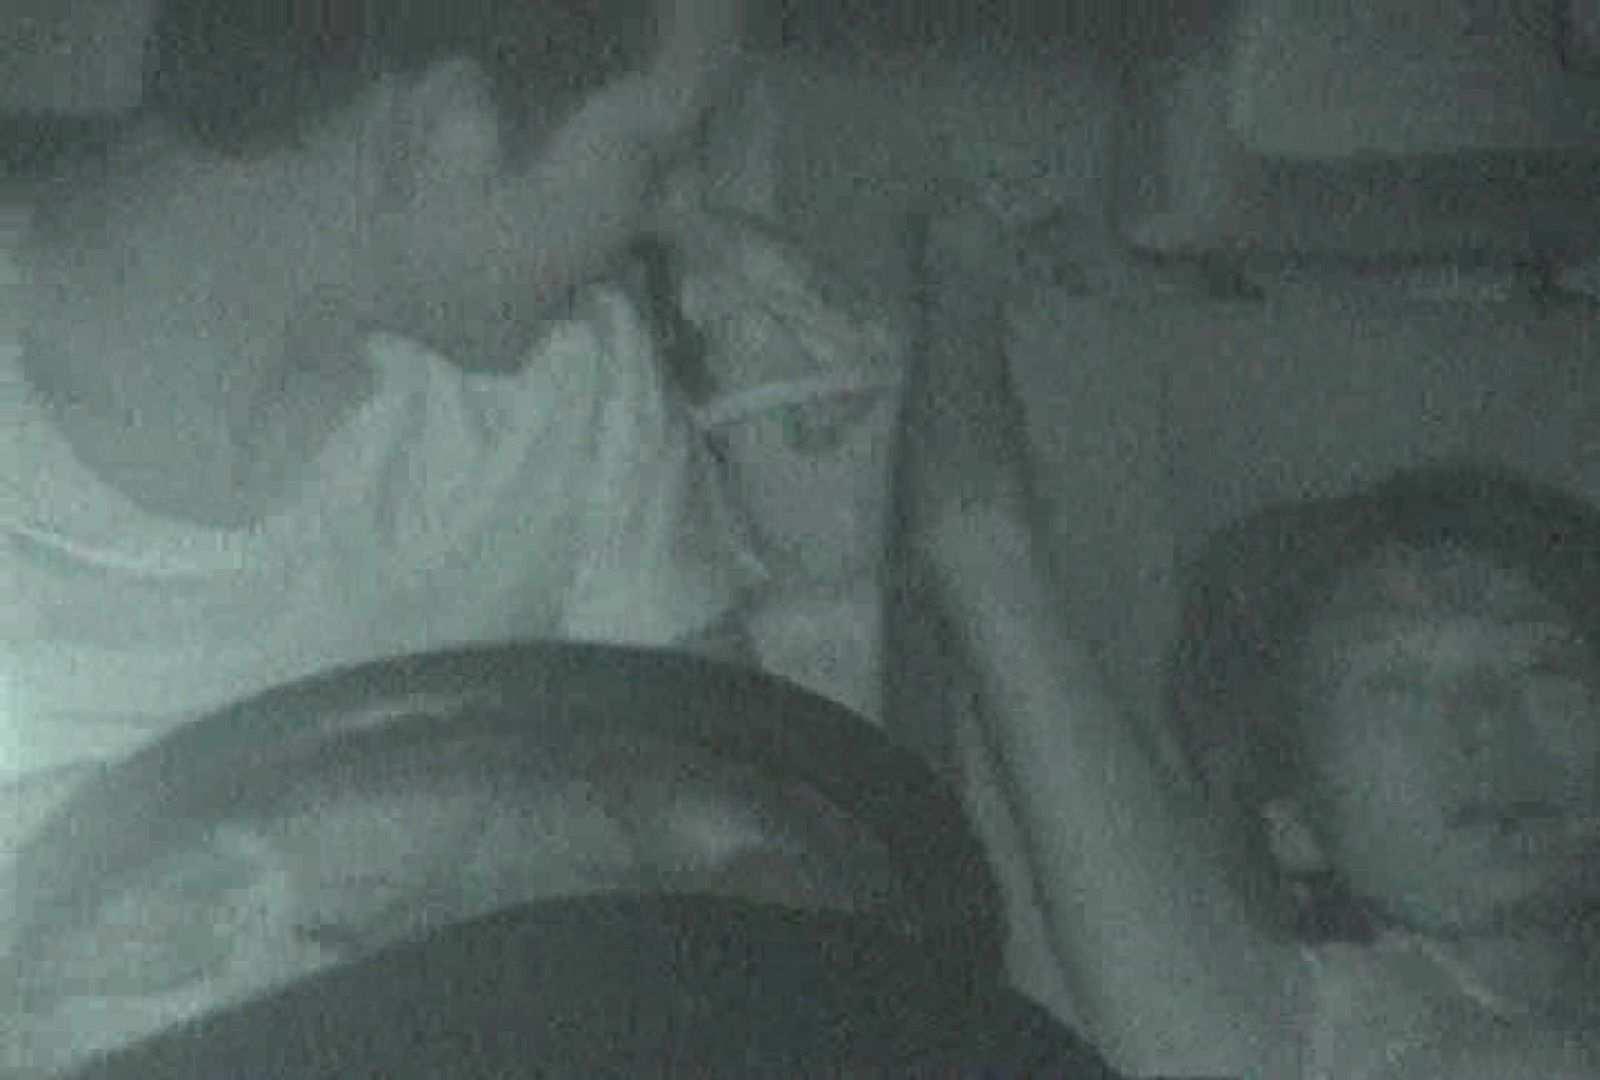 充血監督の深夜の運動会Vol.71 ラブホテル オマンコ無修正動画無料 106pic 15